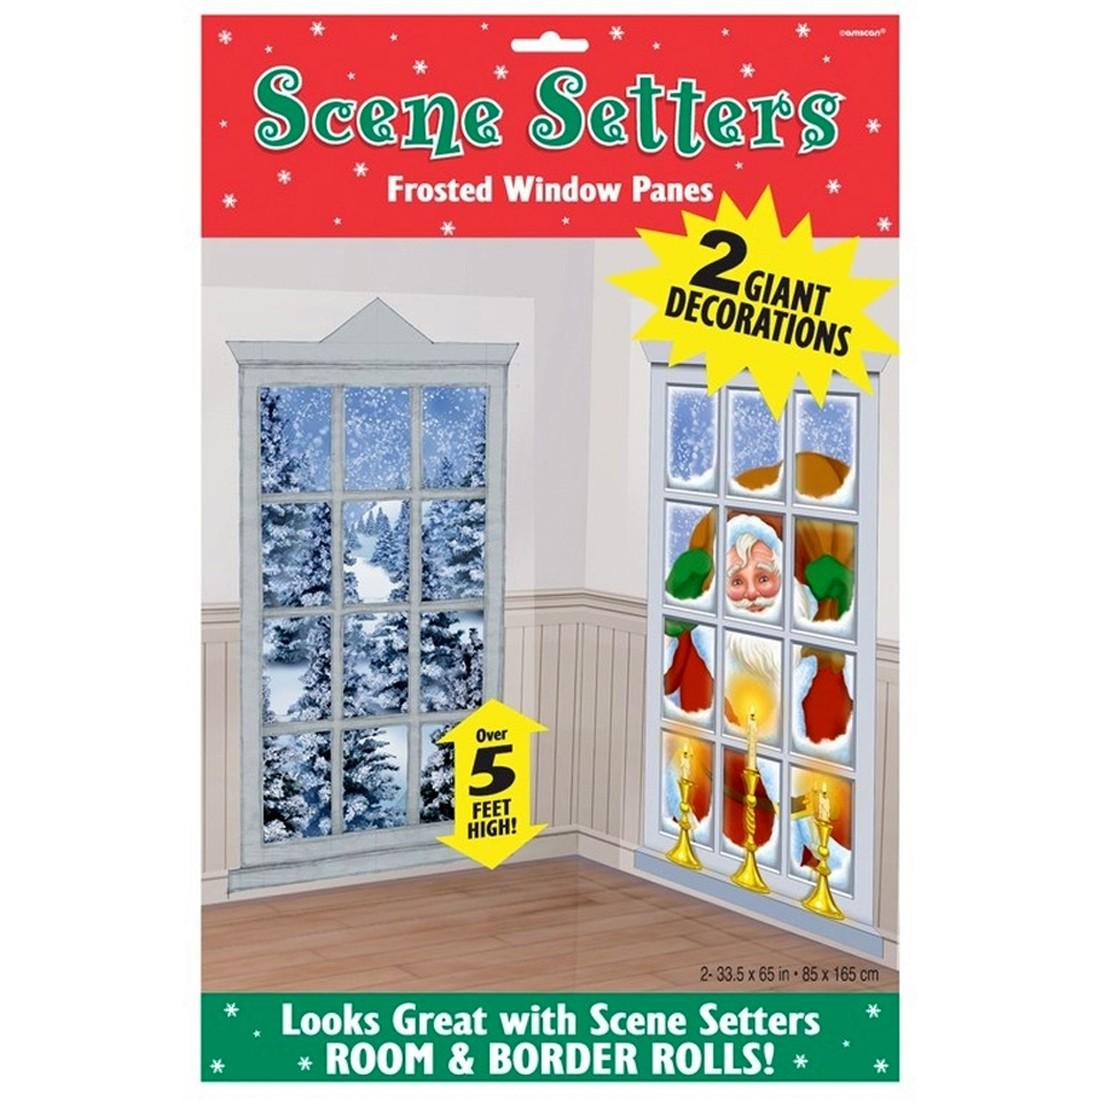 2 Wandbilder gefrorene Fenster Weihnachtsbilder